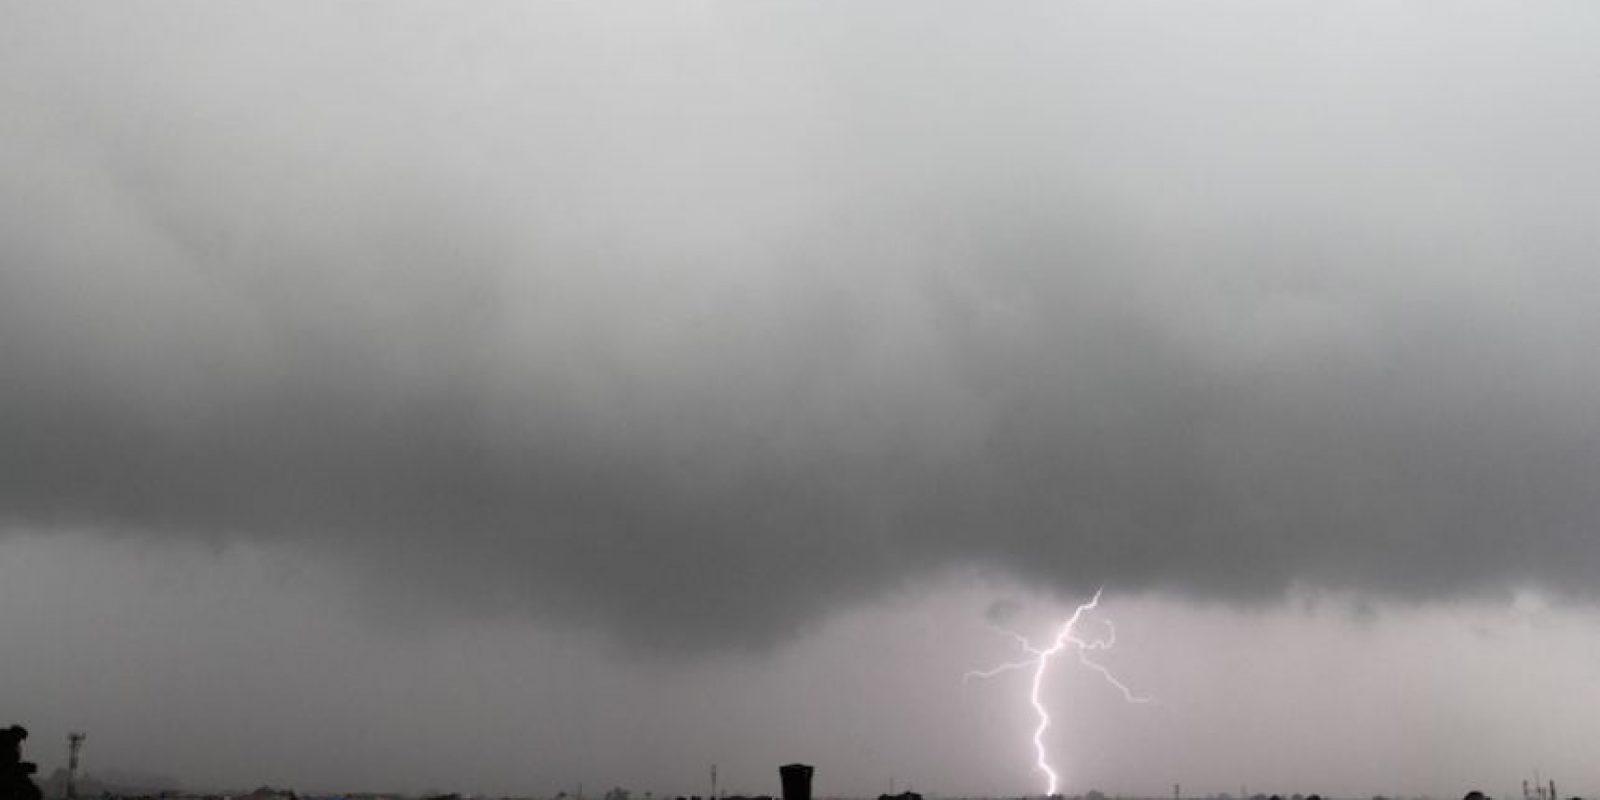 """""""La magia de Bogotá mientras llueve, ilumina el cielo con un trueno"""". Colombia. Brayan Esteban Rios Garzon."""